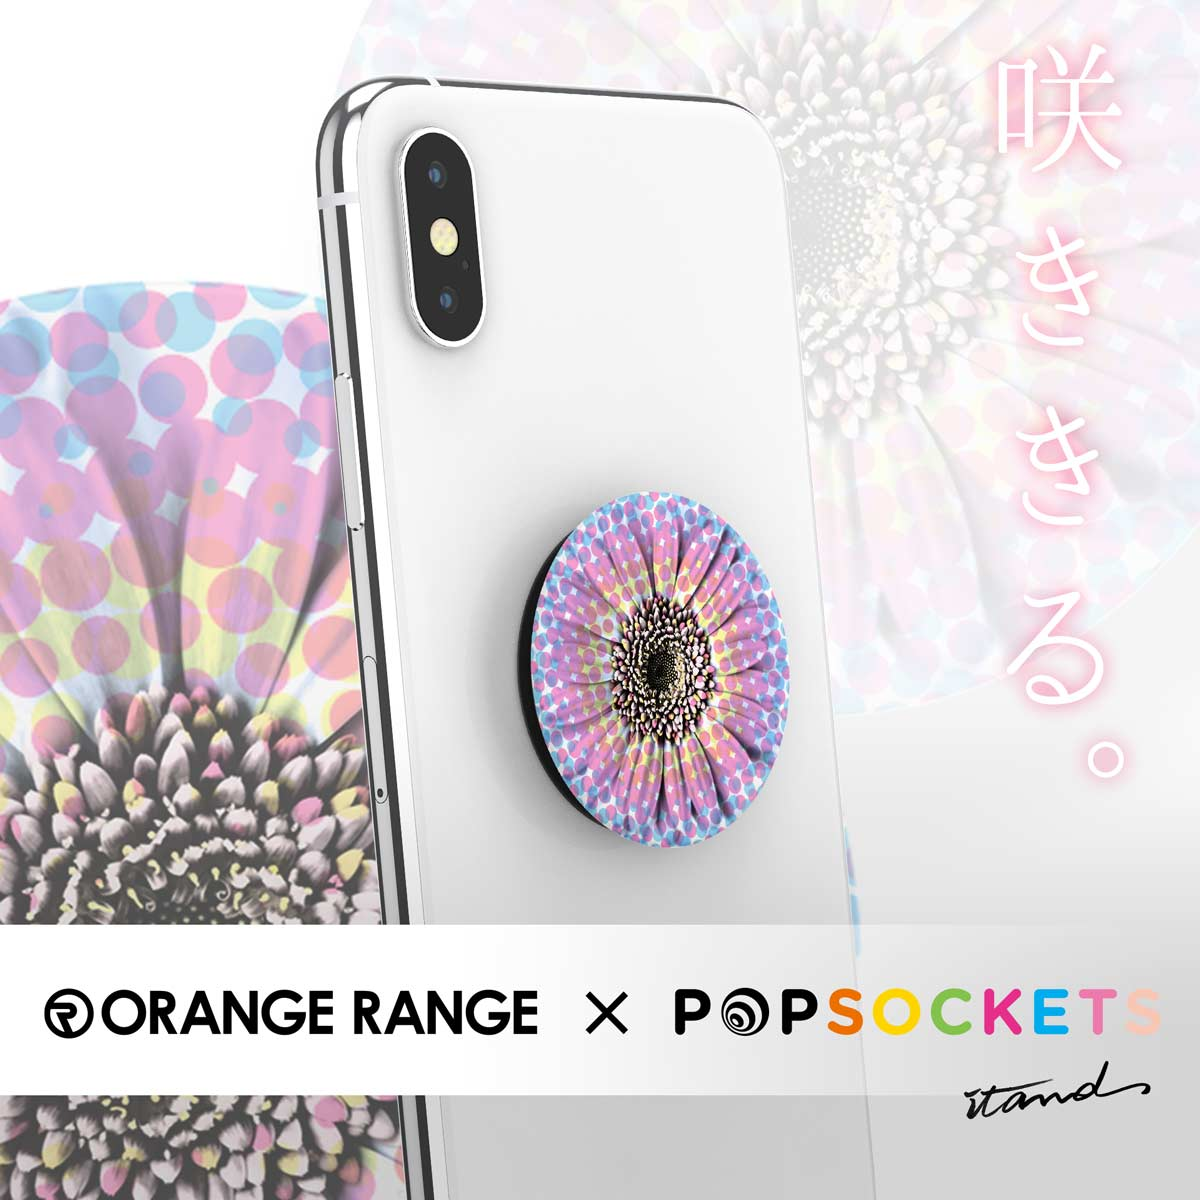 花   ORANGE RANGE×POPSOCKETS   オレンジレンジ×ポップソケッツコラボ商品   広告